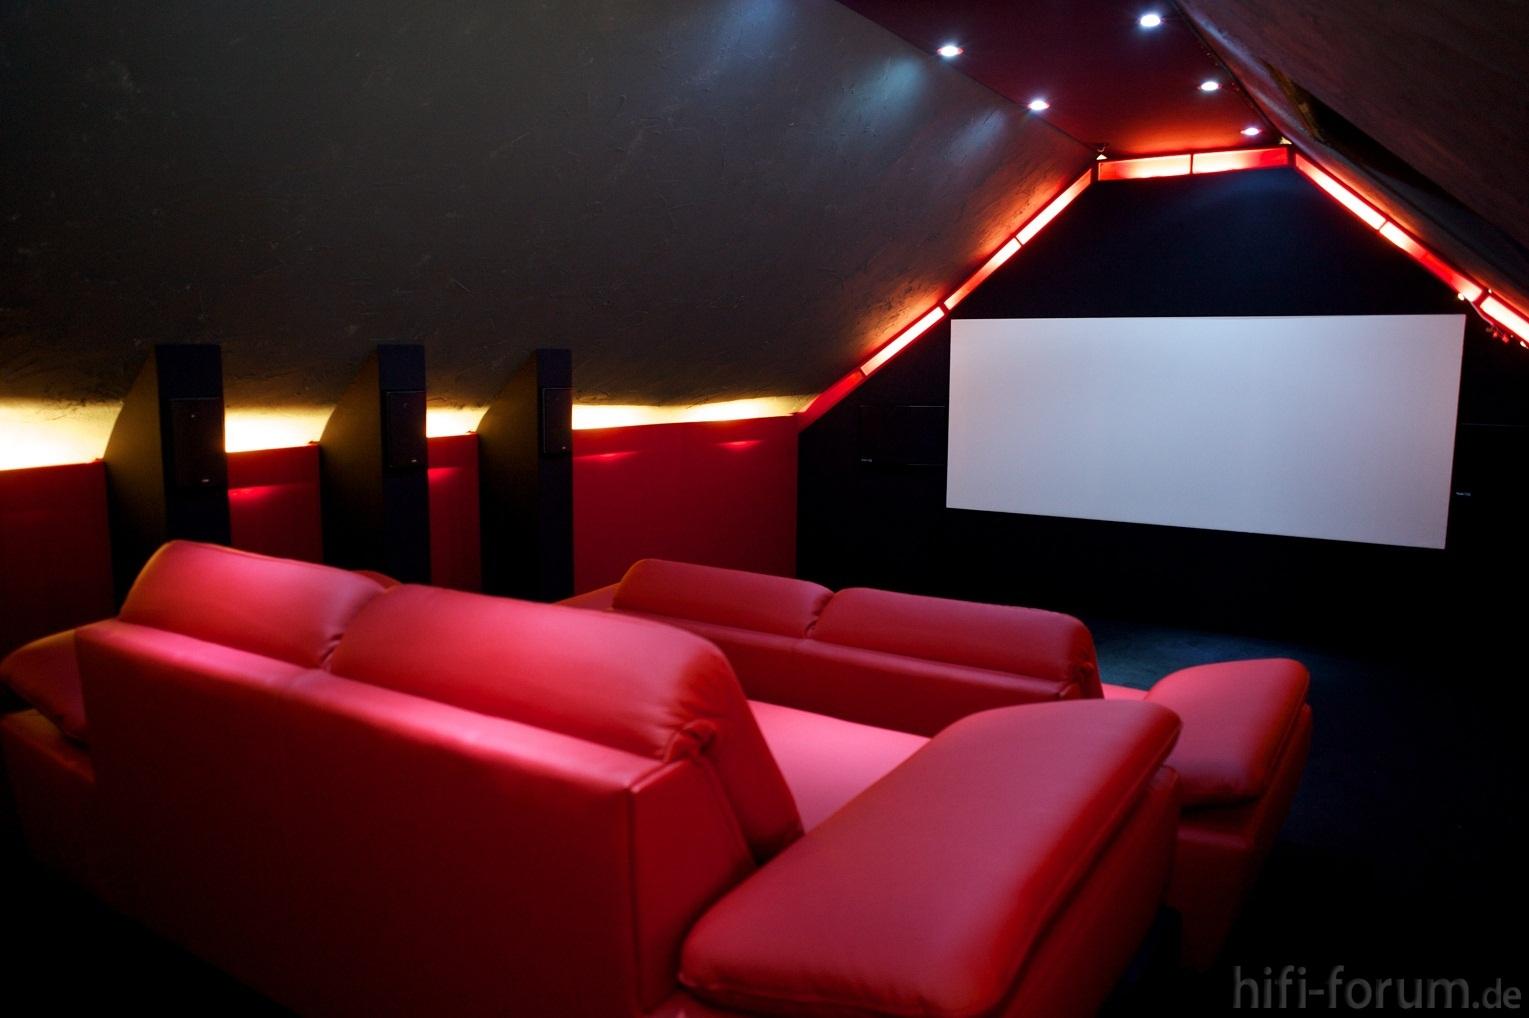 Kino Nice Surprice